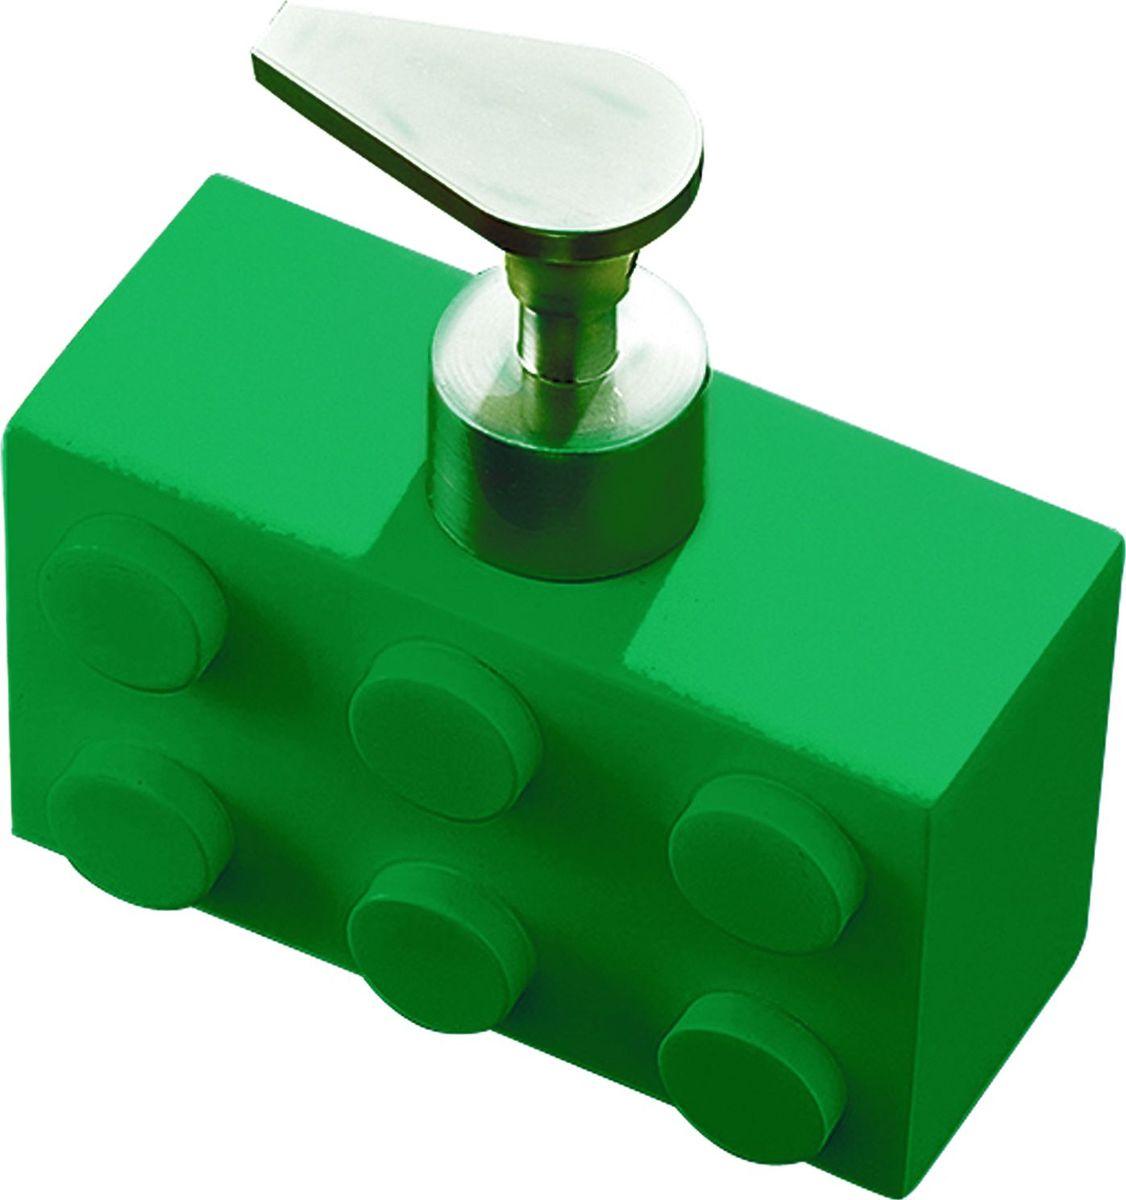 Дозатор для жидкого мыла Ridder Bob, цвет: зеленый, 280 мл12723Дозатор для жидкого мыла Ridder Bob, изготовленный из экологичной полирезины,отлично подойдет для вашей ванной комнаты.Такой аксессуар очень удобен в использовании,достаточно лишь перелить жидкое мыло вдозатор, а когда необходимо использованиемыла, легким нажатием выдавить нужноеколичество. Дозатор для жидкого мыла Ridder Bobсоздаст особую атмосферу уюта и максимальногокомфорта в ванной.Объем дозатора: 280 мл.